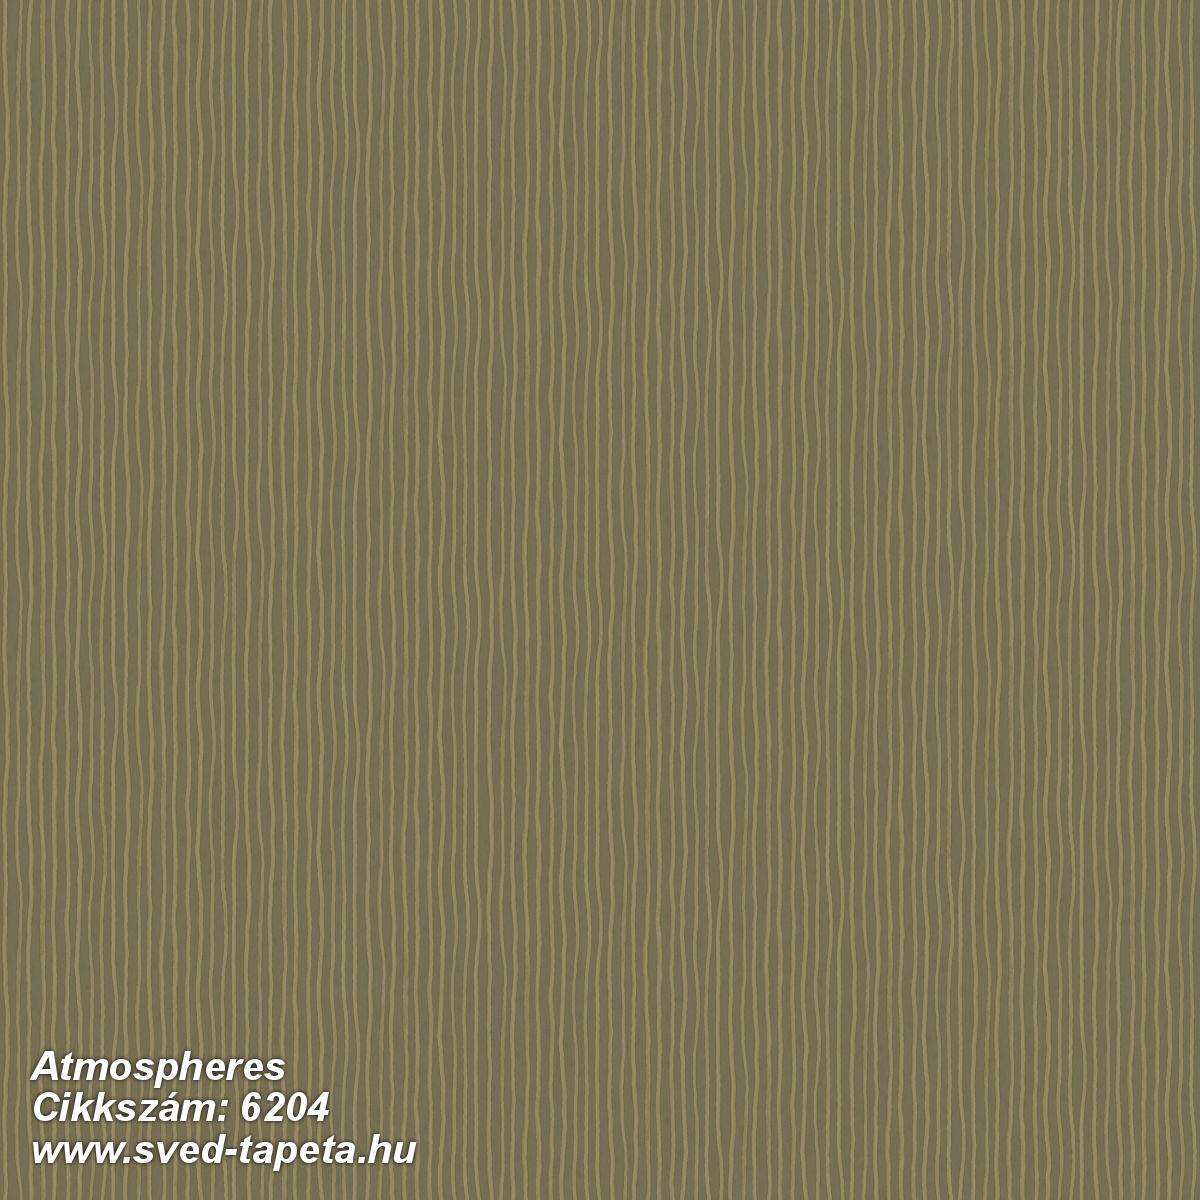 Atmospheres 6204 cikkszámú svéd ECOgyártmányú designtapéta